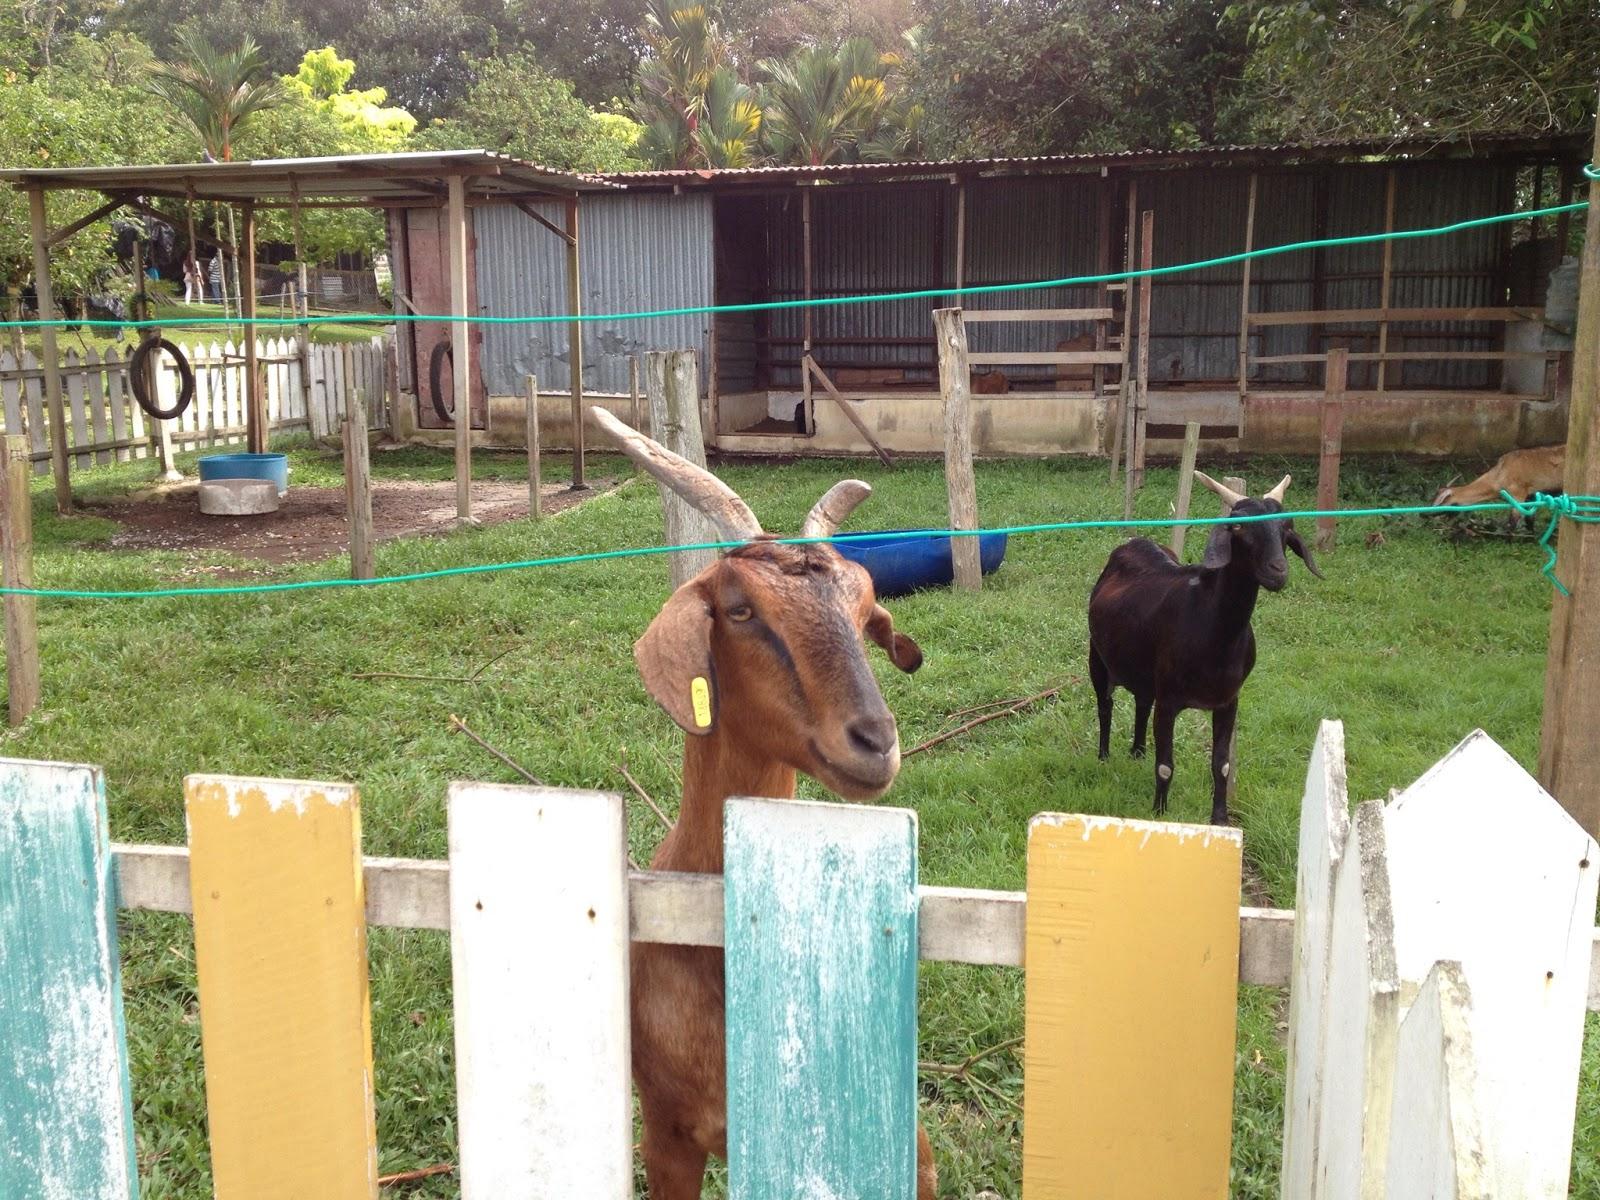 kambing yg minat ngan maid aku